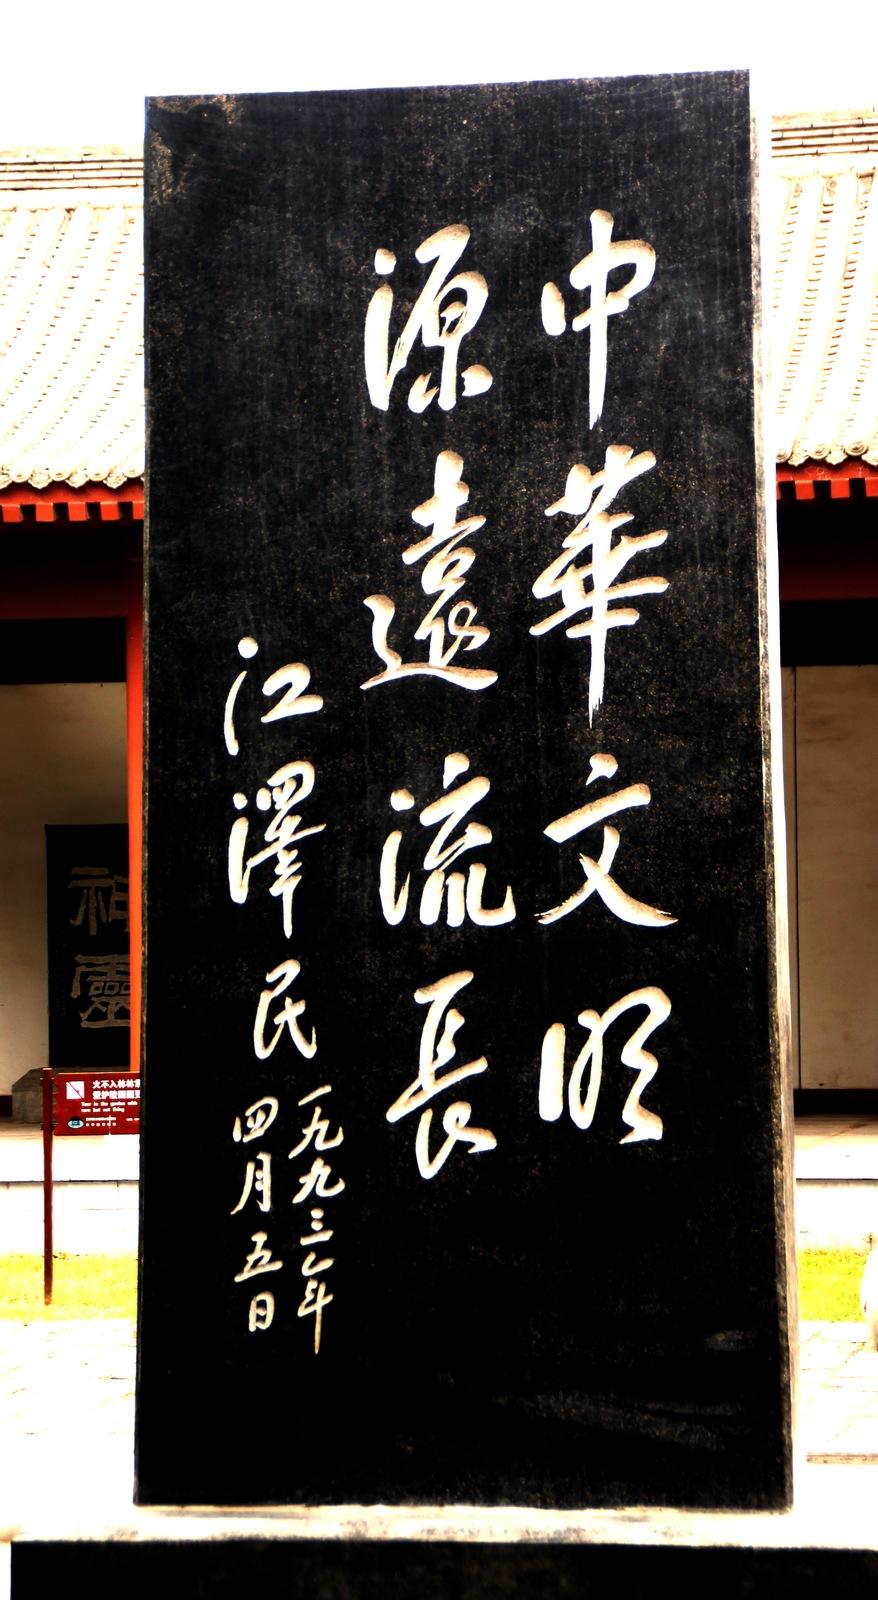 黄帝陵景区-江泽民题词-43-1600.jpg